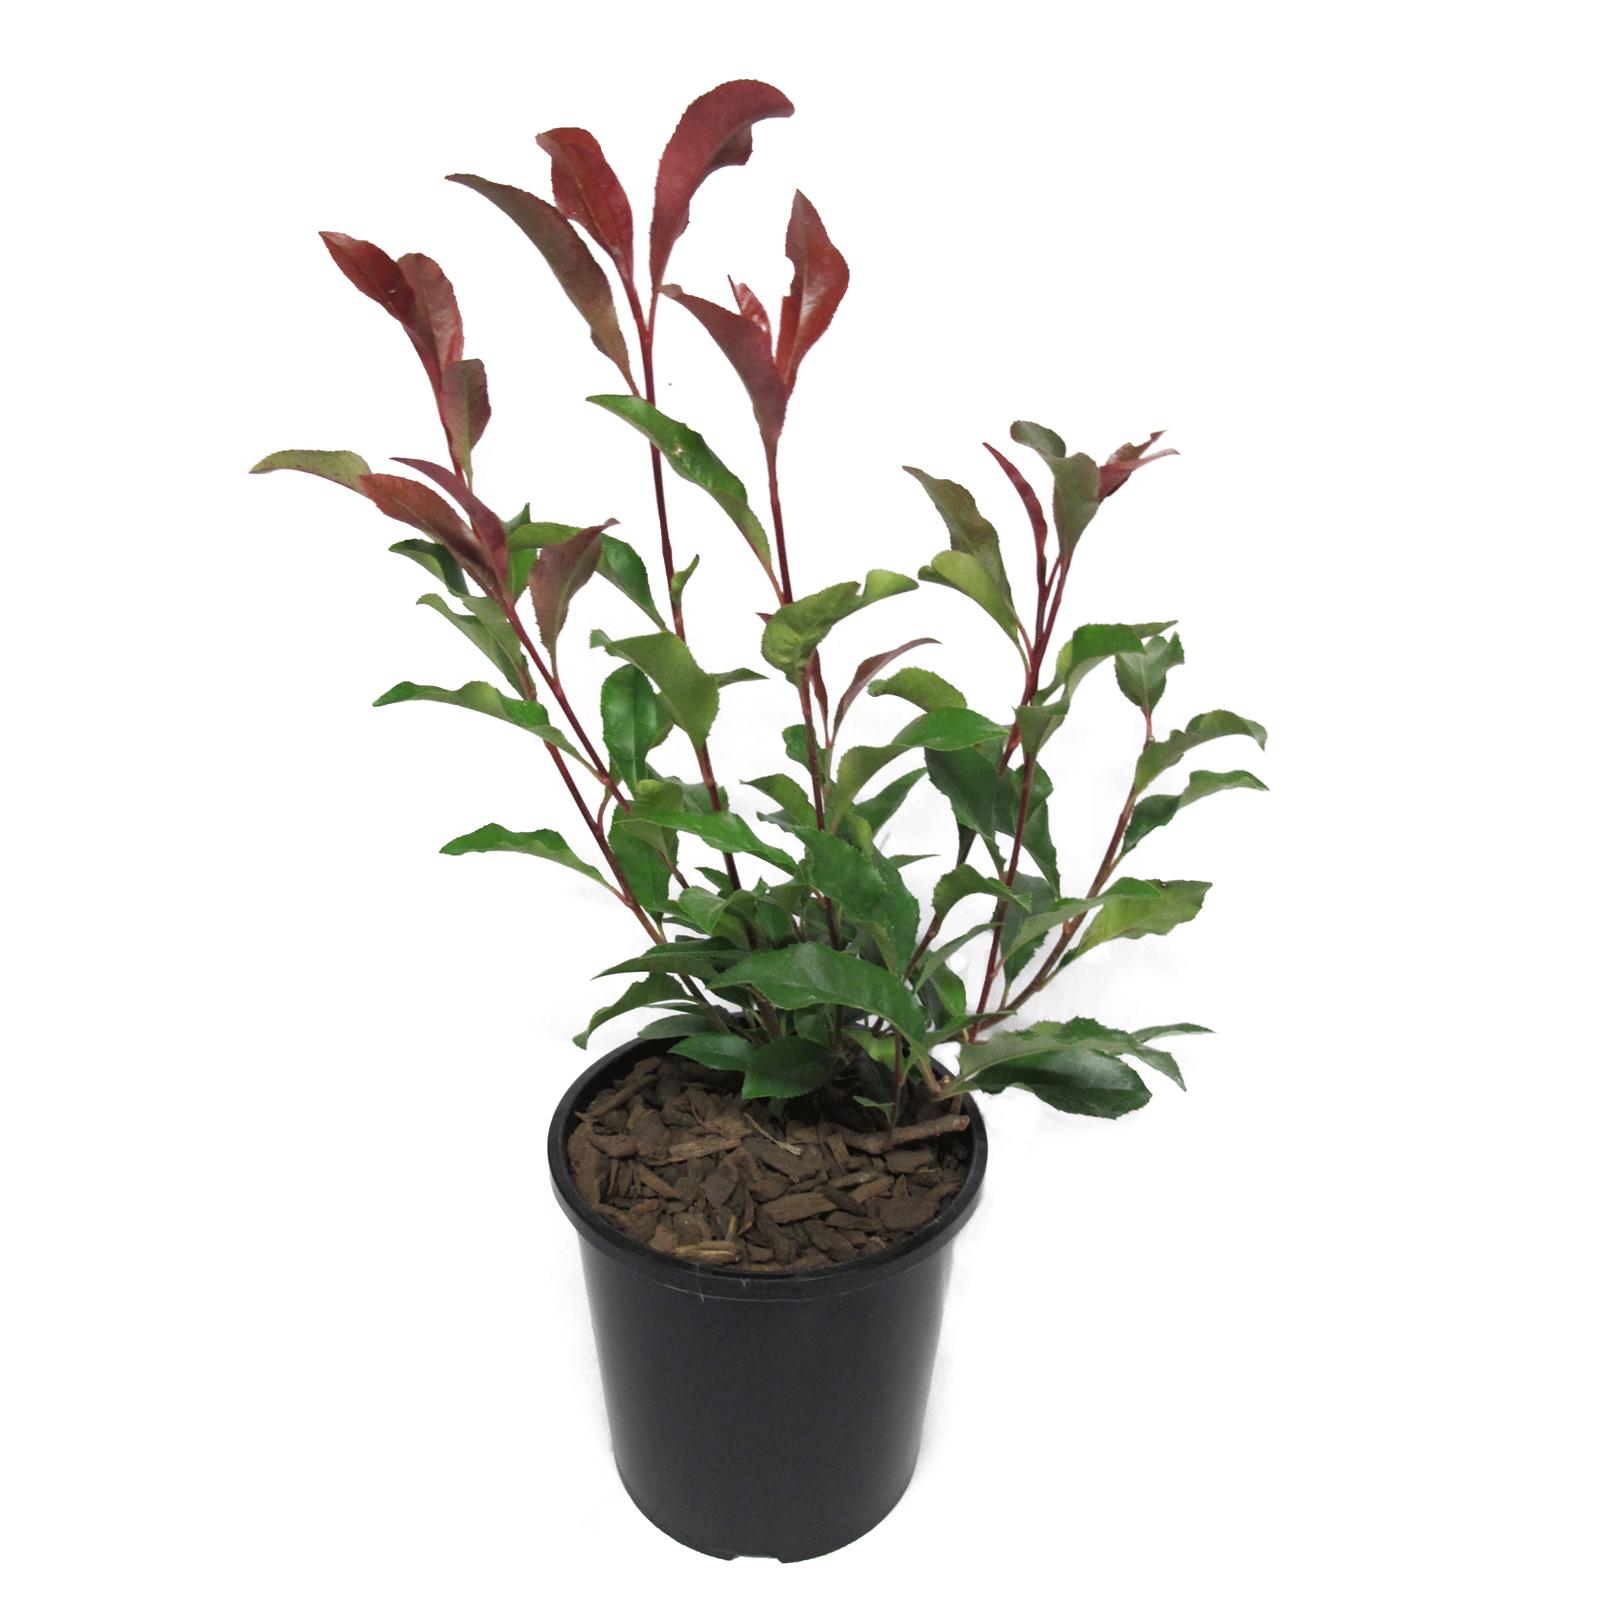 2.4L Photinia Supa Red - Photinia glabra